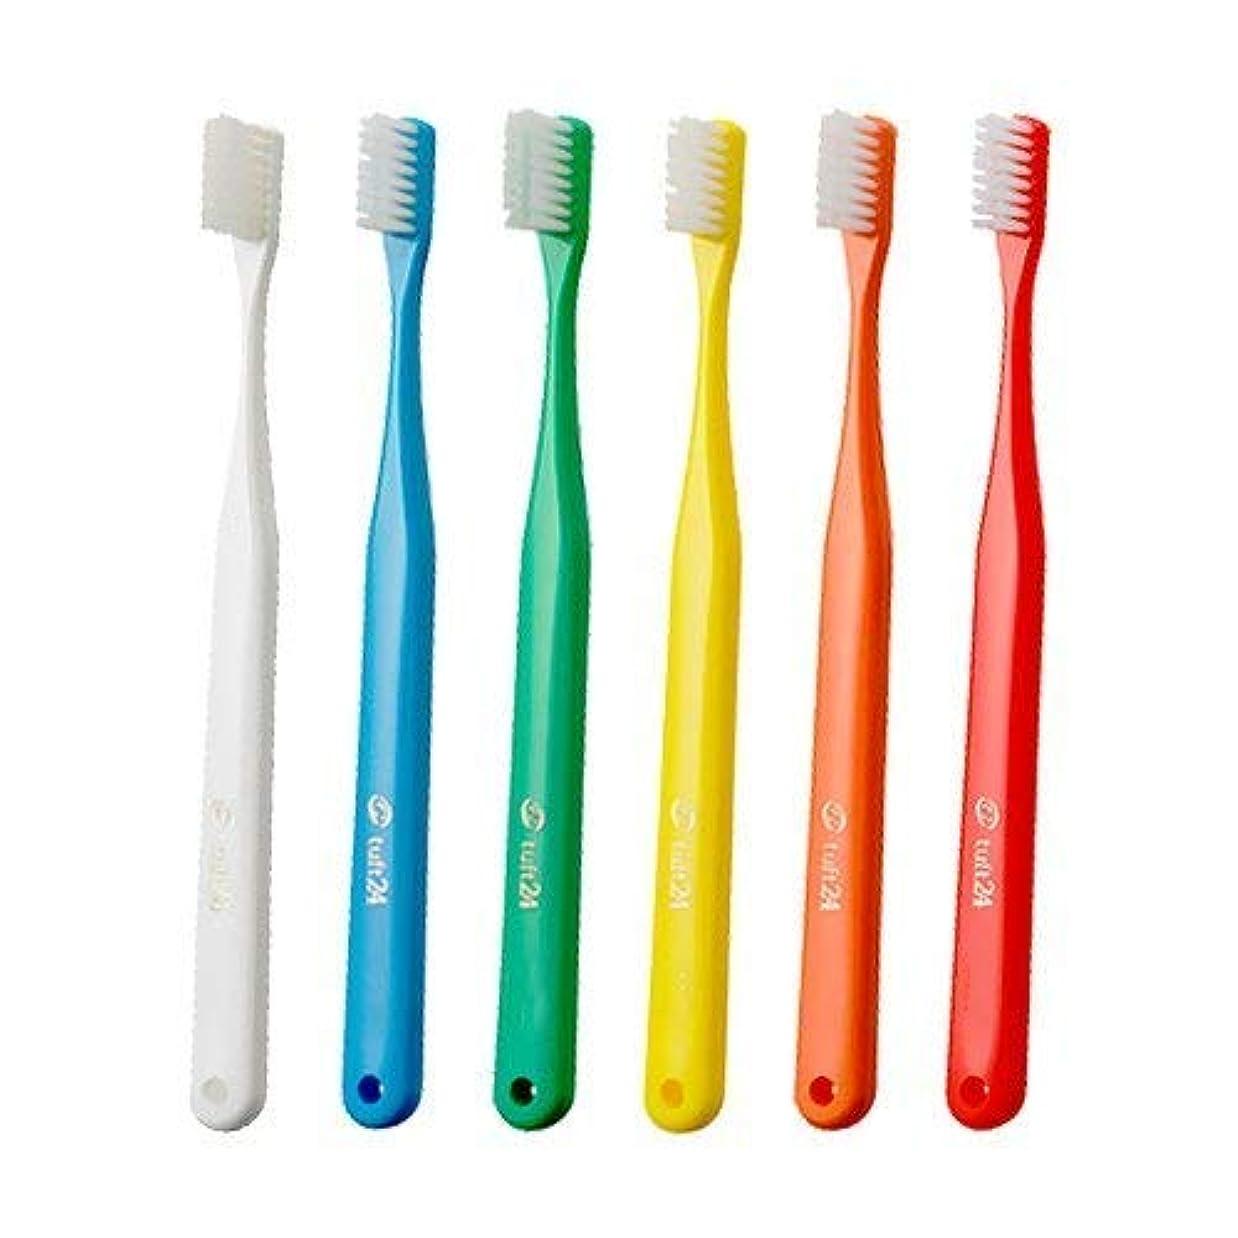 バーター空虚熟達キャップなし タフト24 歯ブラシ × 25本入 MS アソート